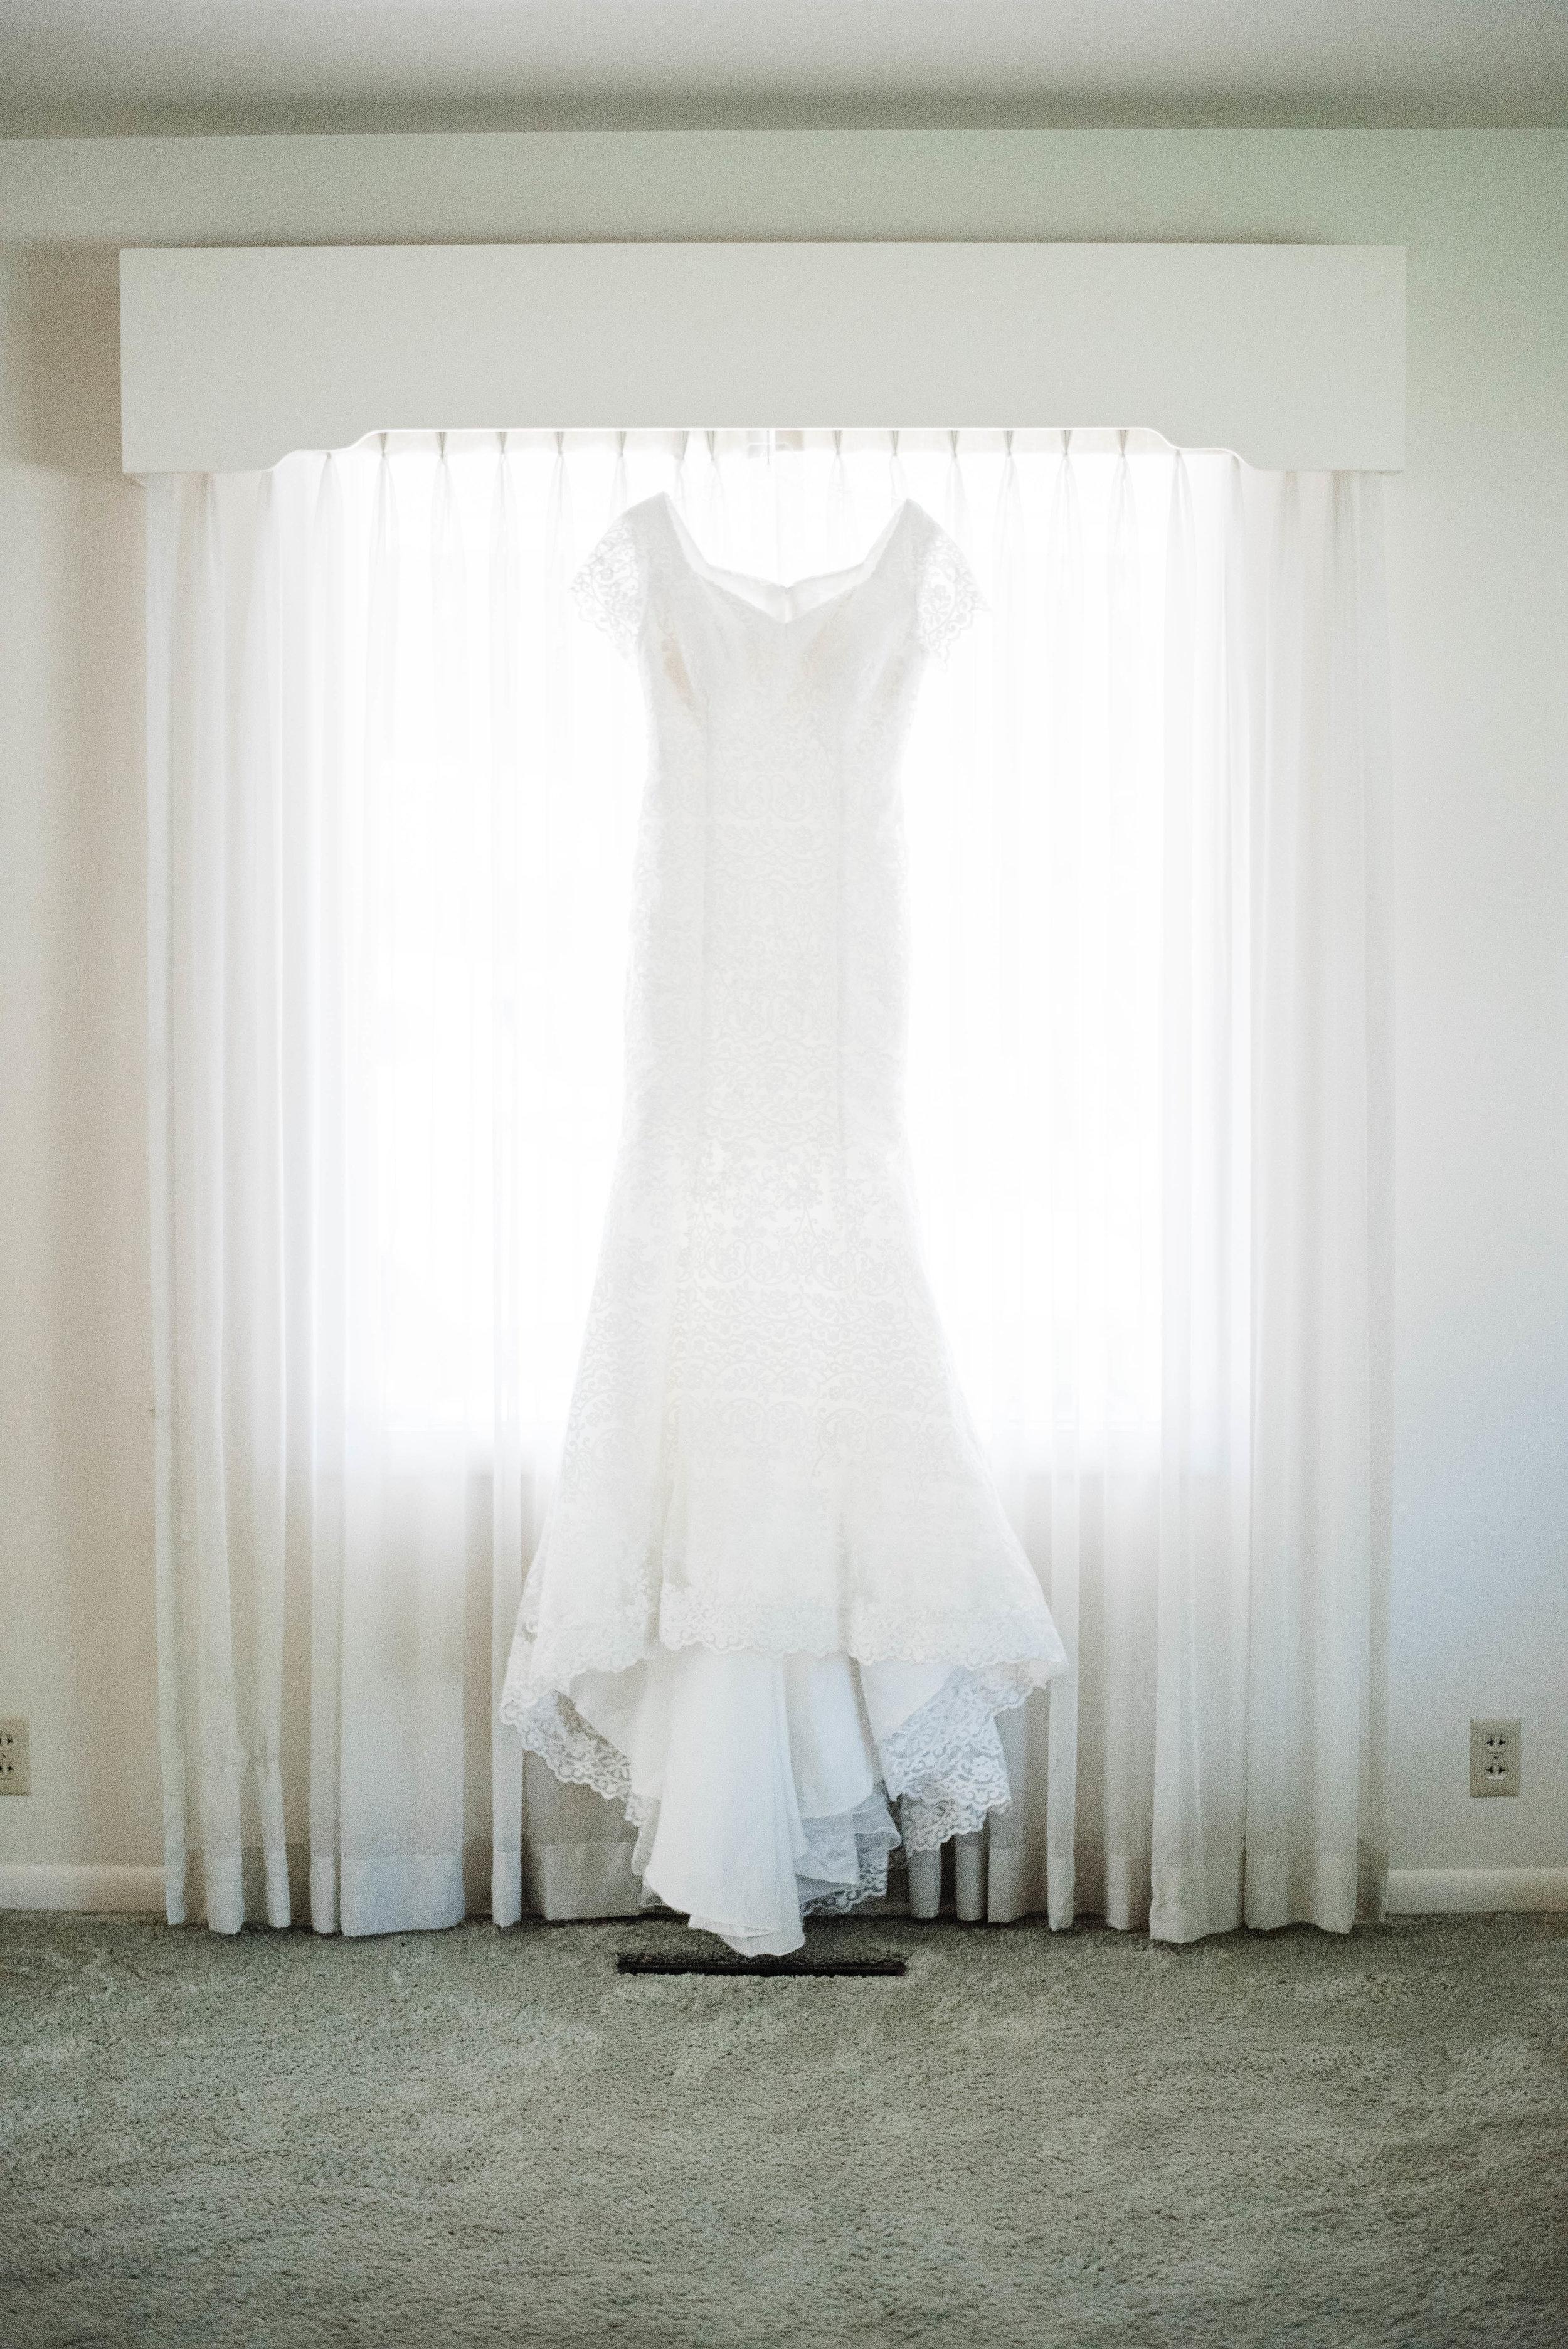 M+J-WEDDING-DAY-Sadie_Banks_Photography-4.jpg